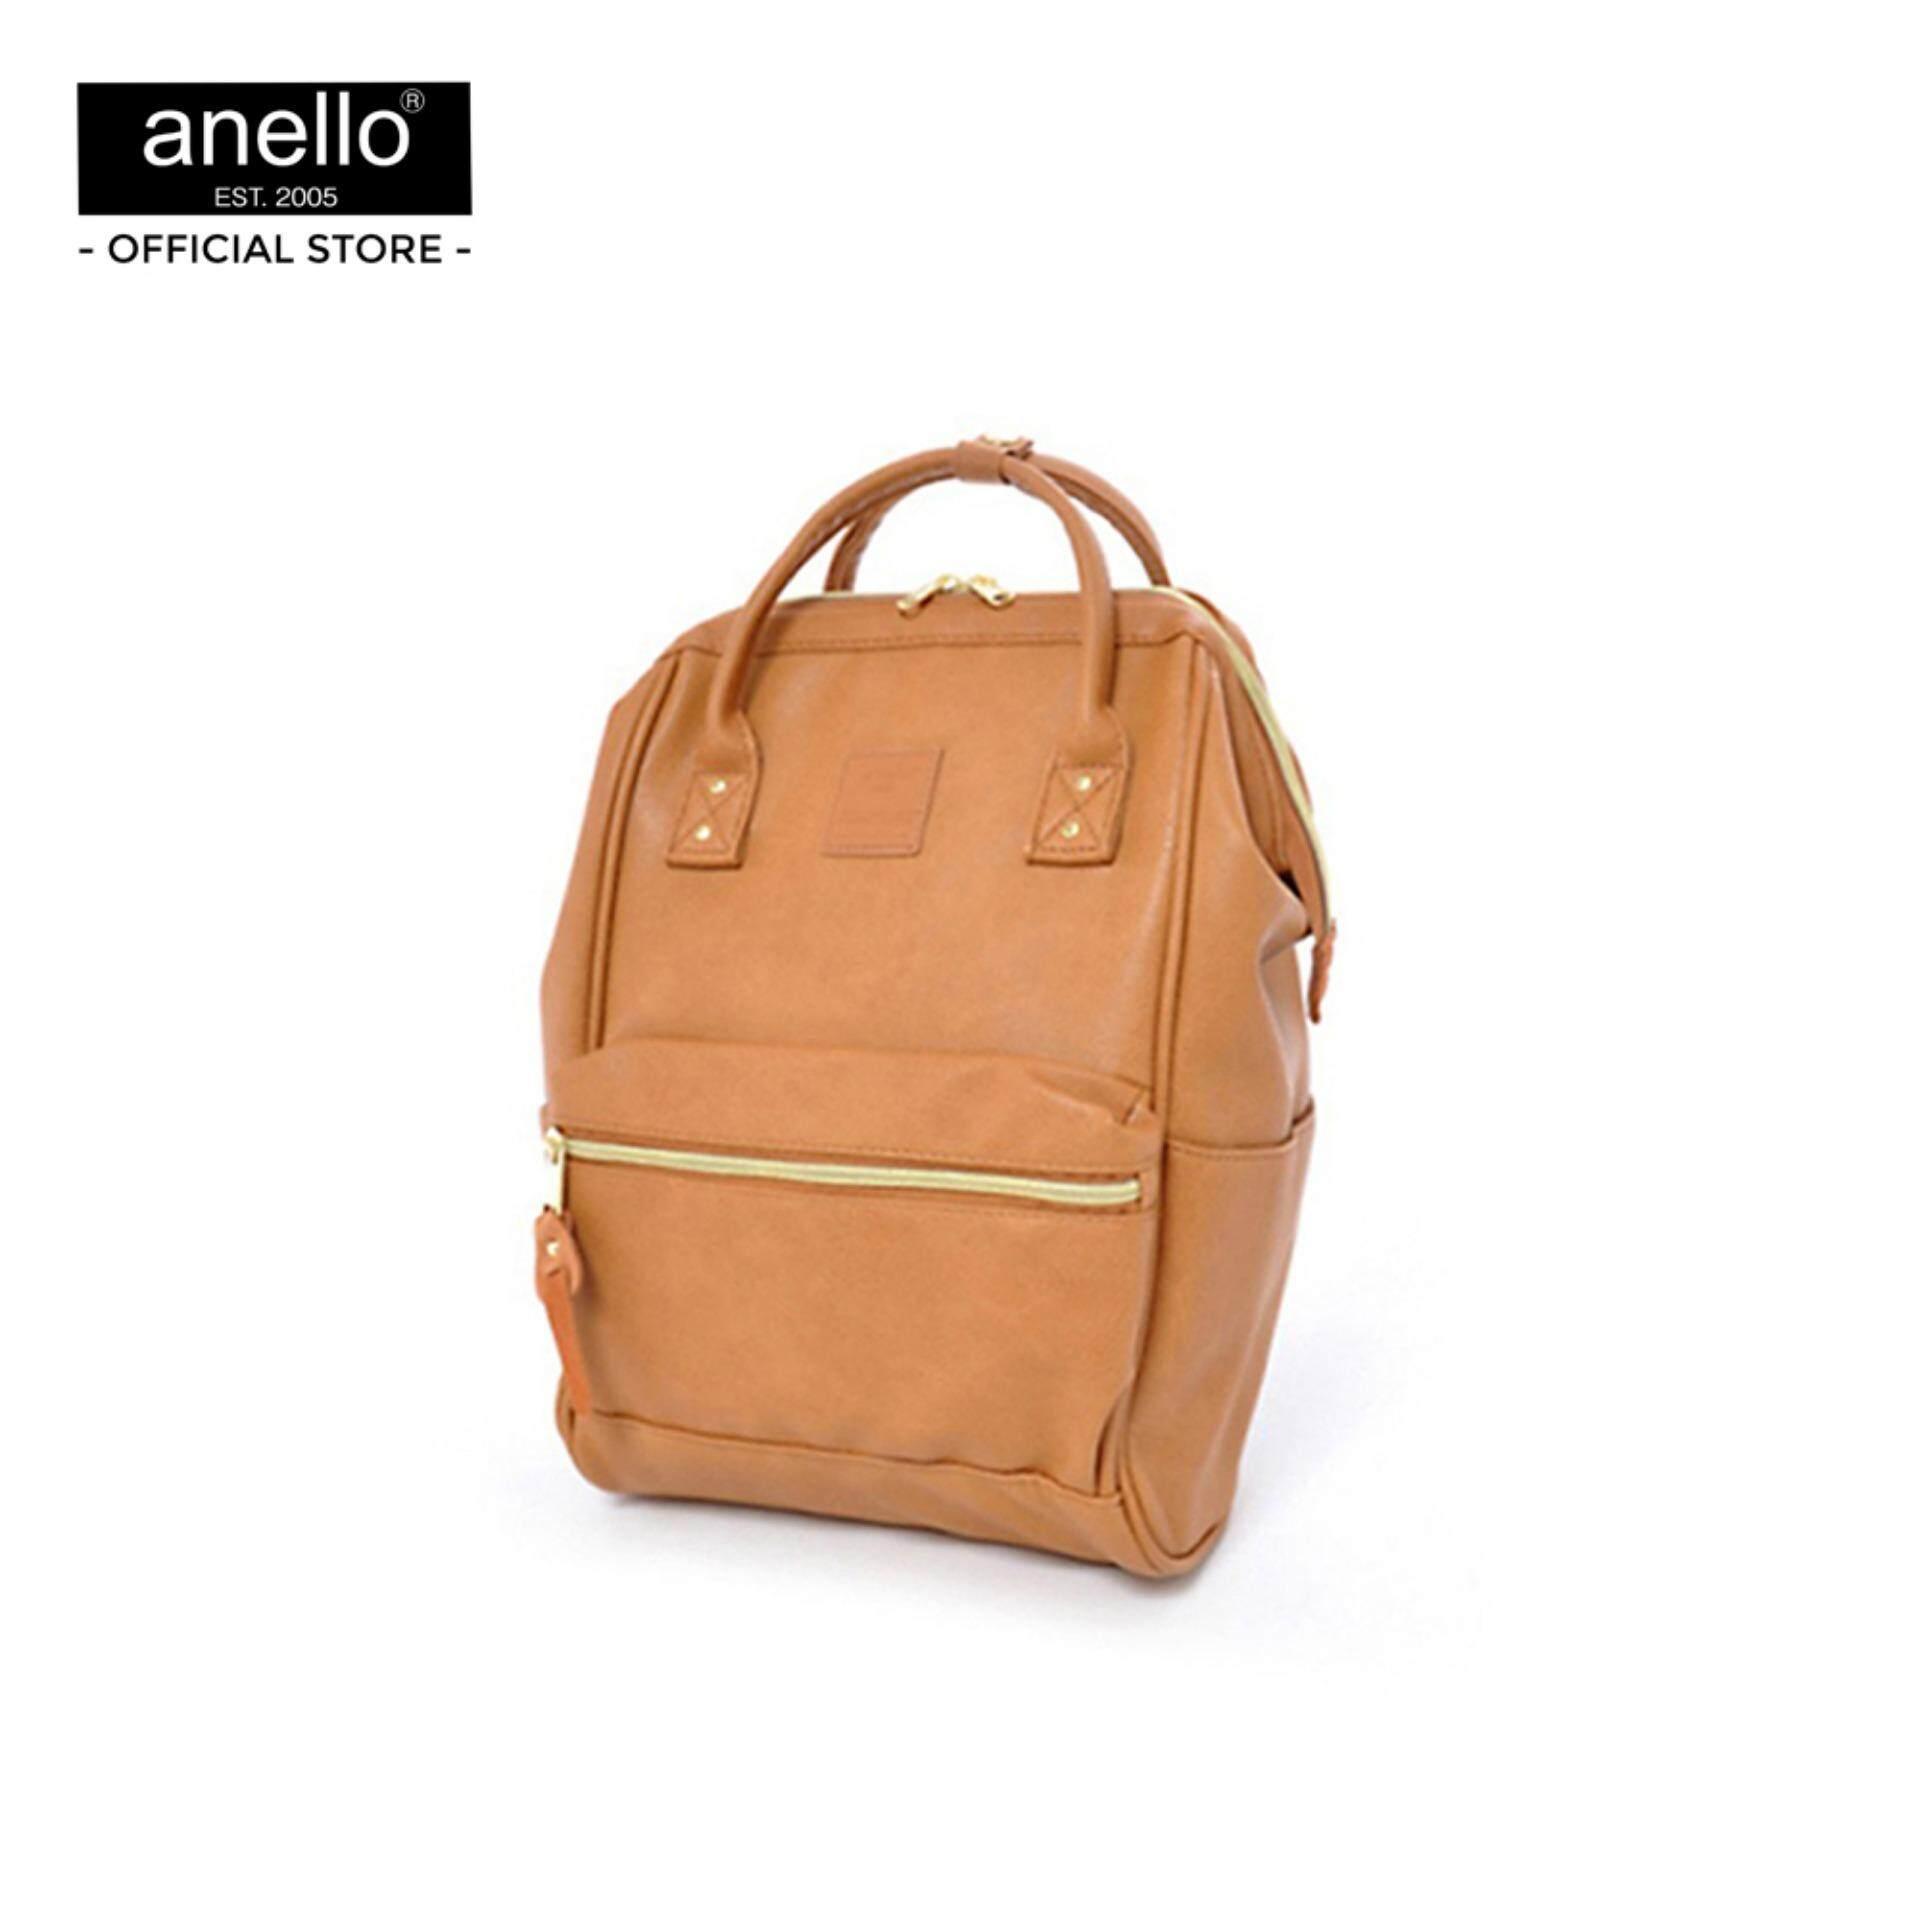 สินเชื่อบุคคลซิตี้  ราชบุรี anello กระเป๋า เป้ PU Mini Backpack _AT-B1212